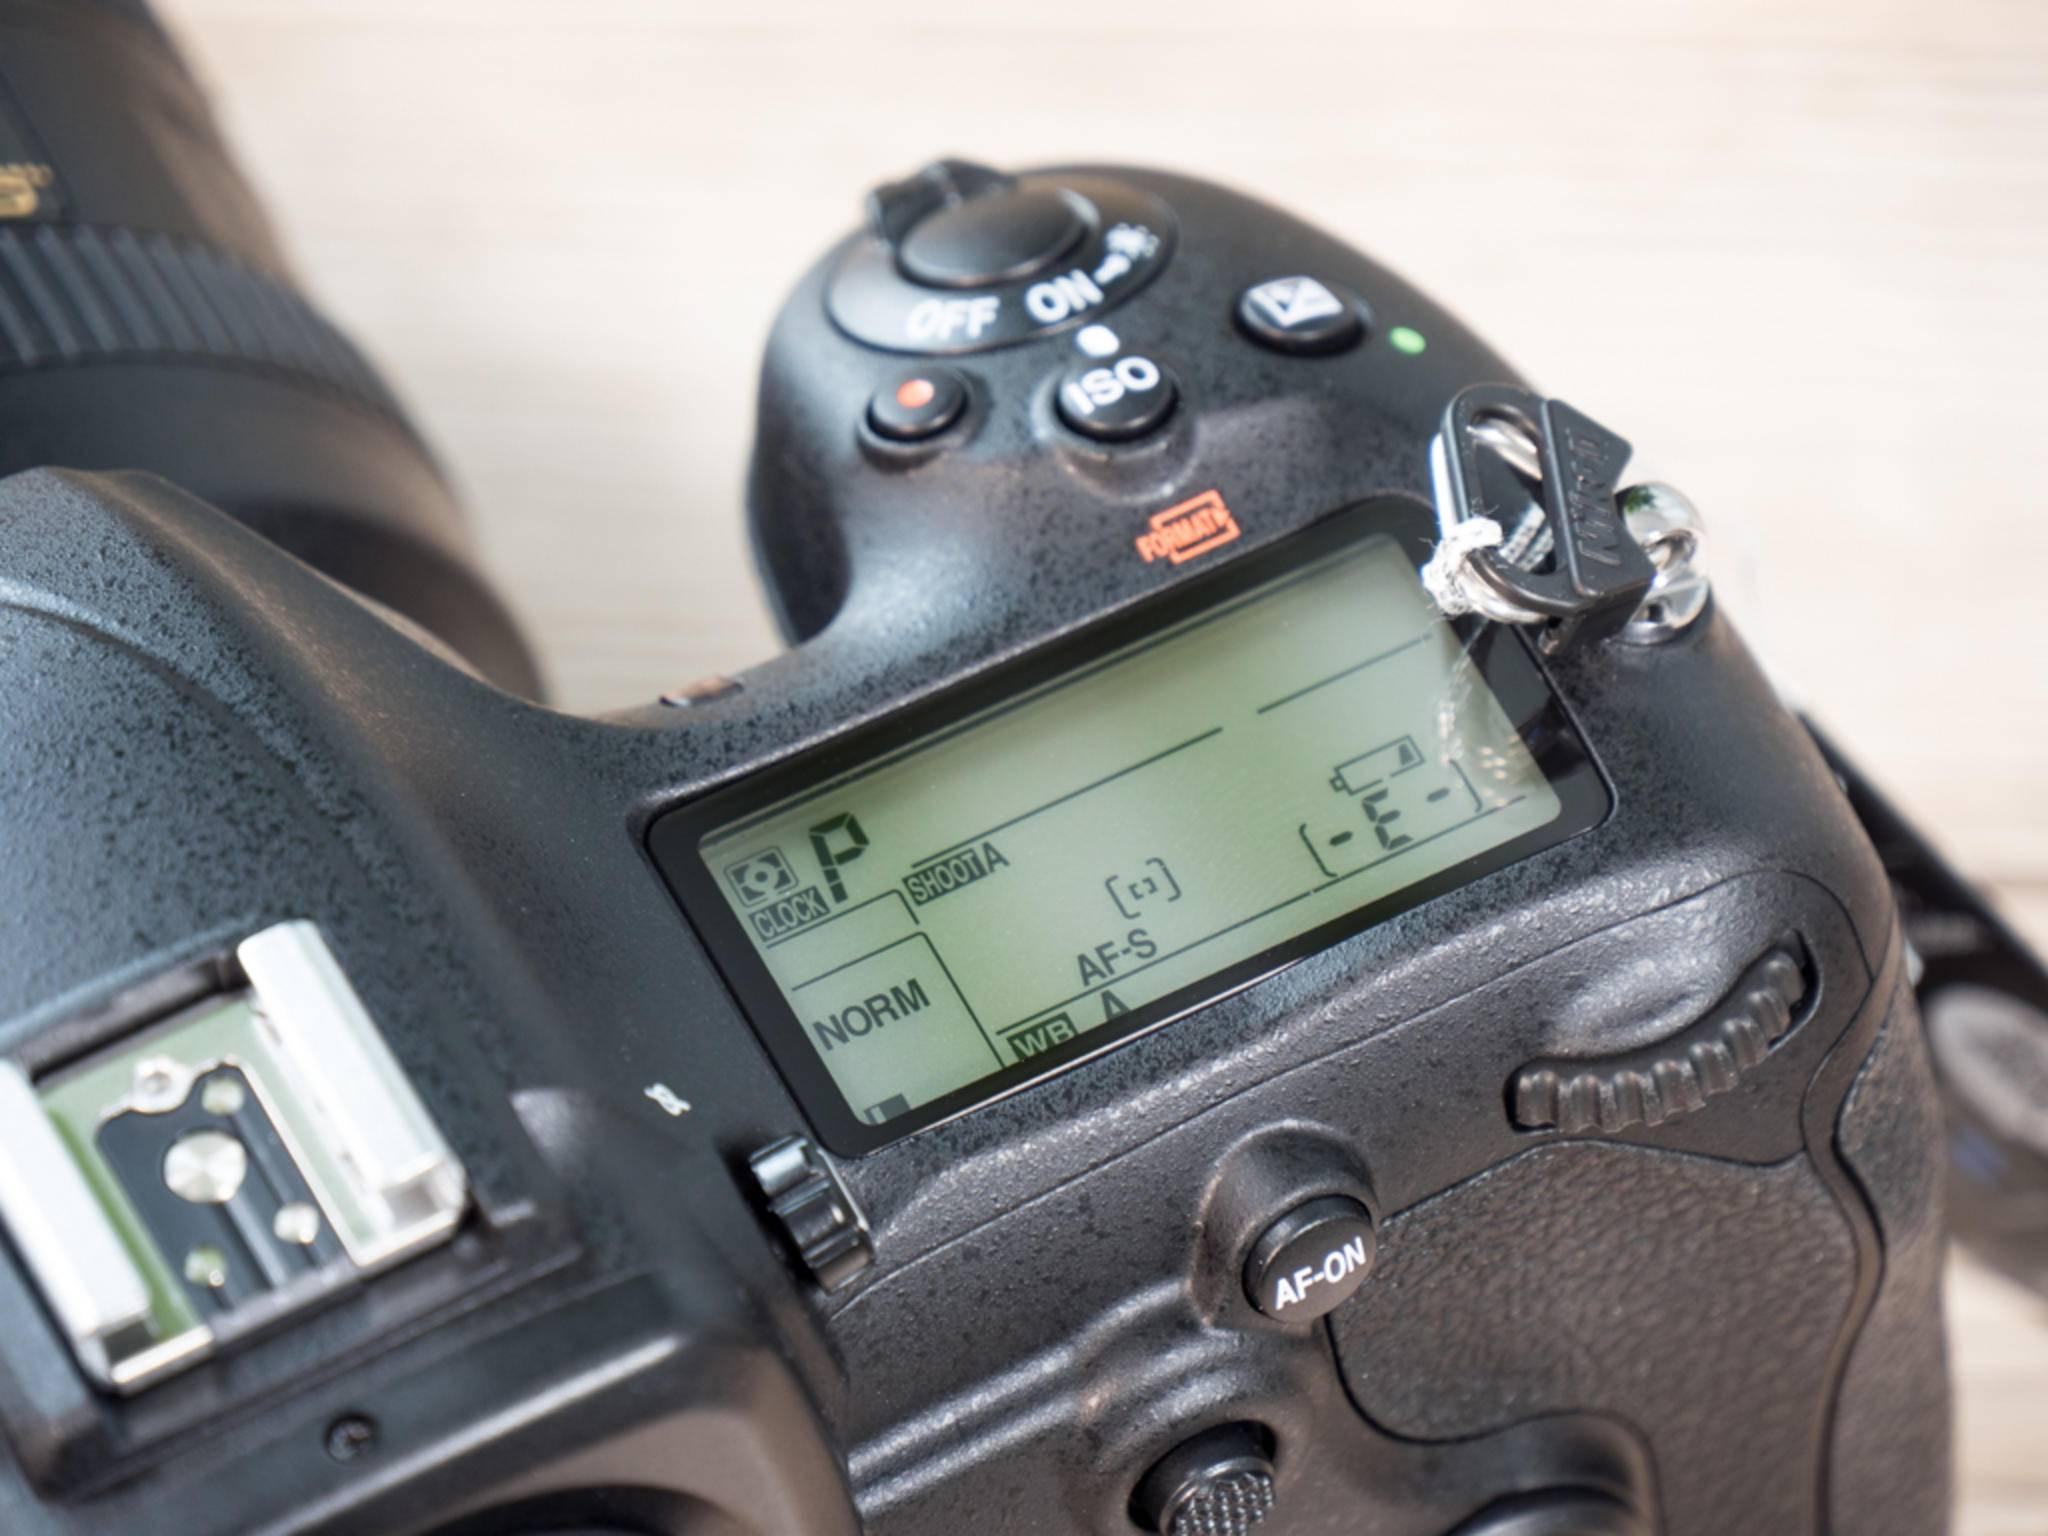 Das Display auf der Kameraschulter ist gute Nikon-Tradition ...